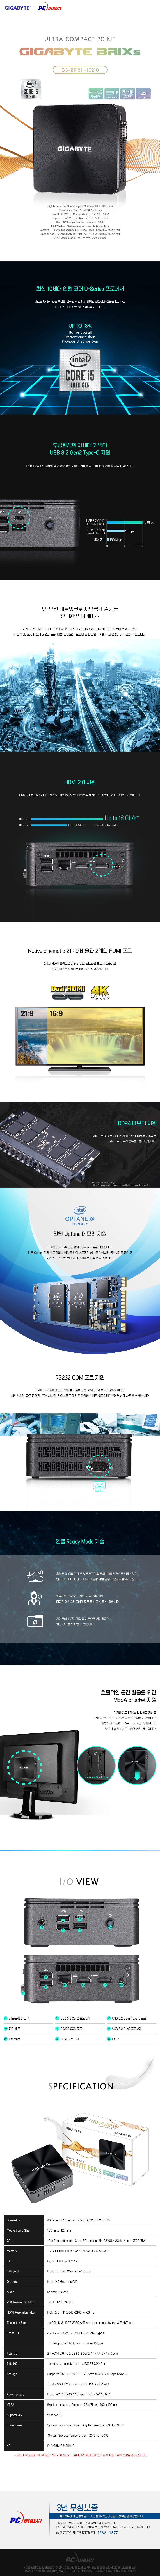 GIGABYTE BRIX GB-BRi5H-10210 SSD 피씨디렉트 (32GB, SSD 120GB)